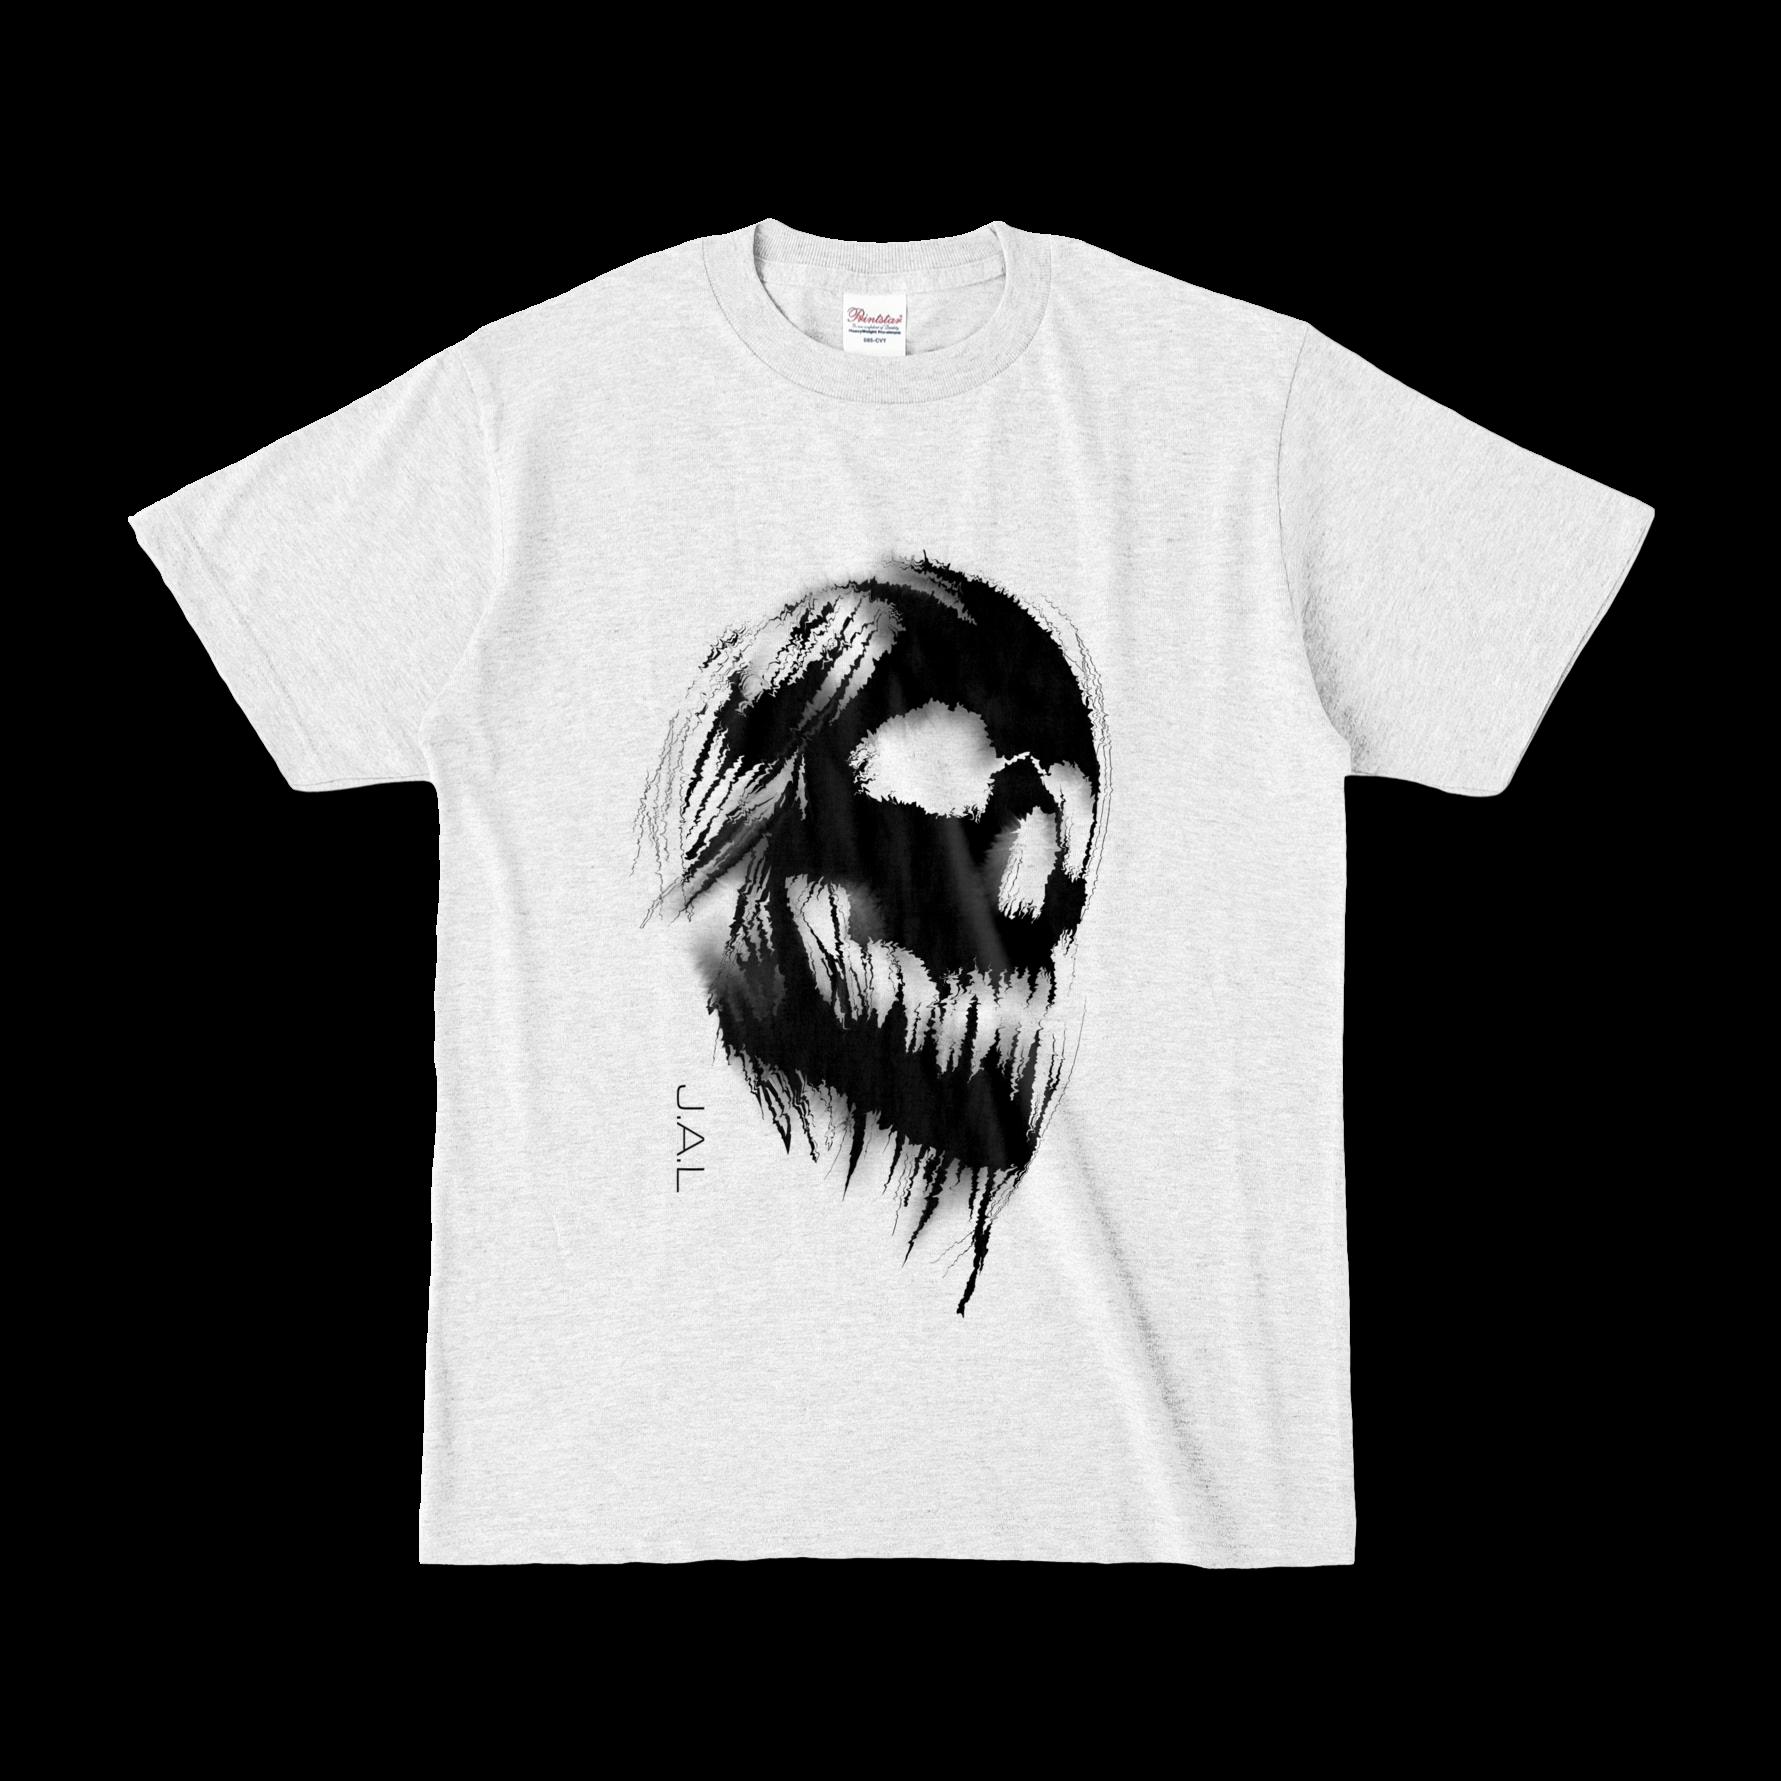 SKULL オリジナルデザインTシャツ アッシュ